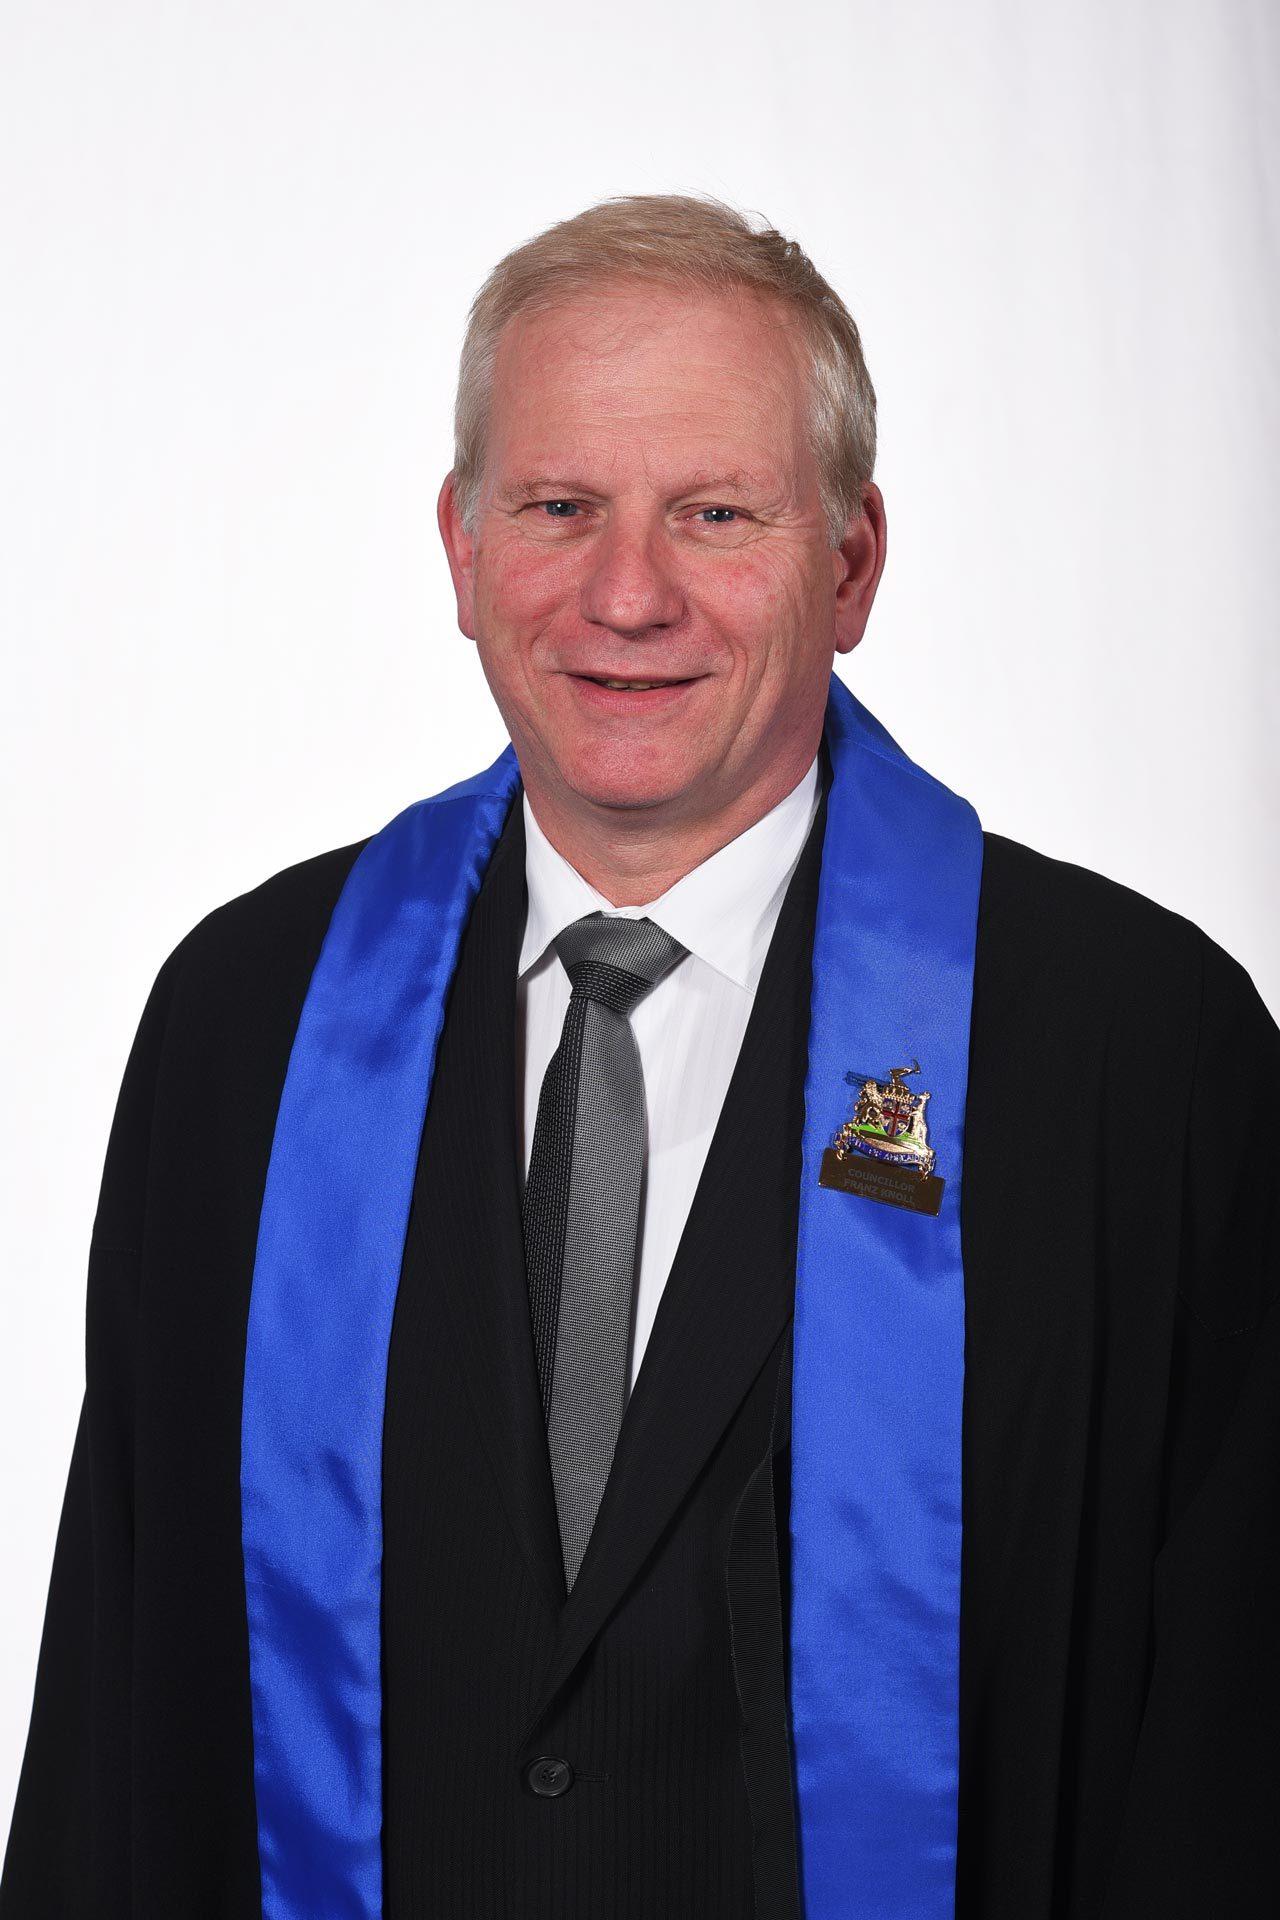 Councillor Franz Knoll